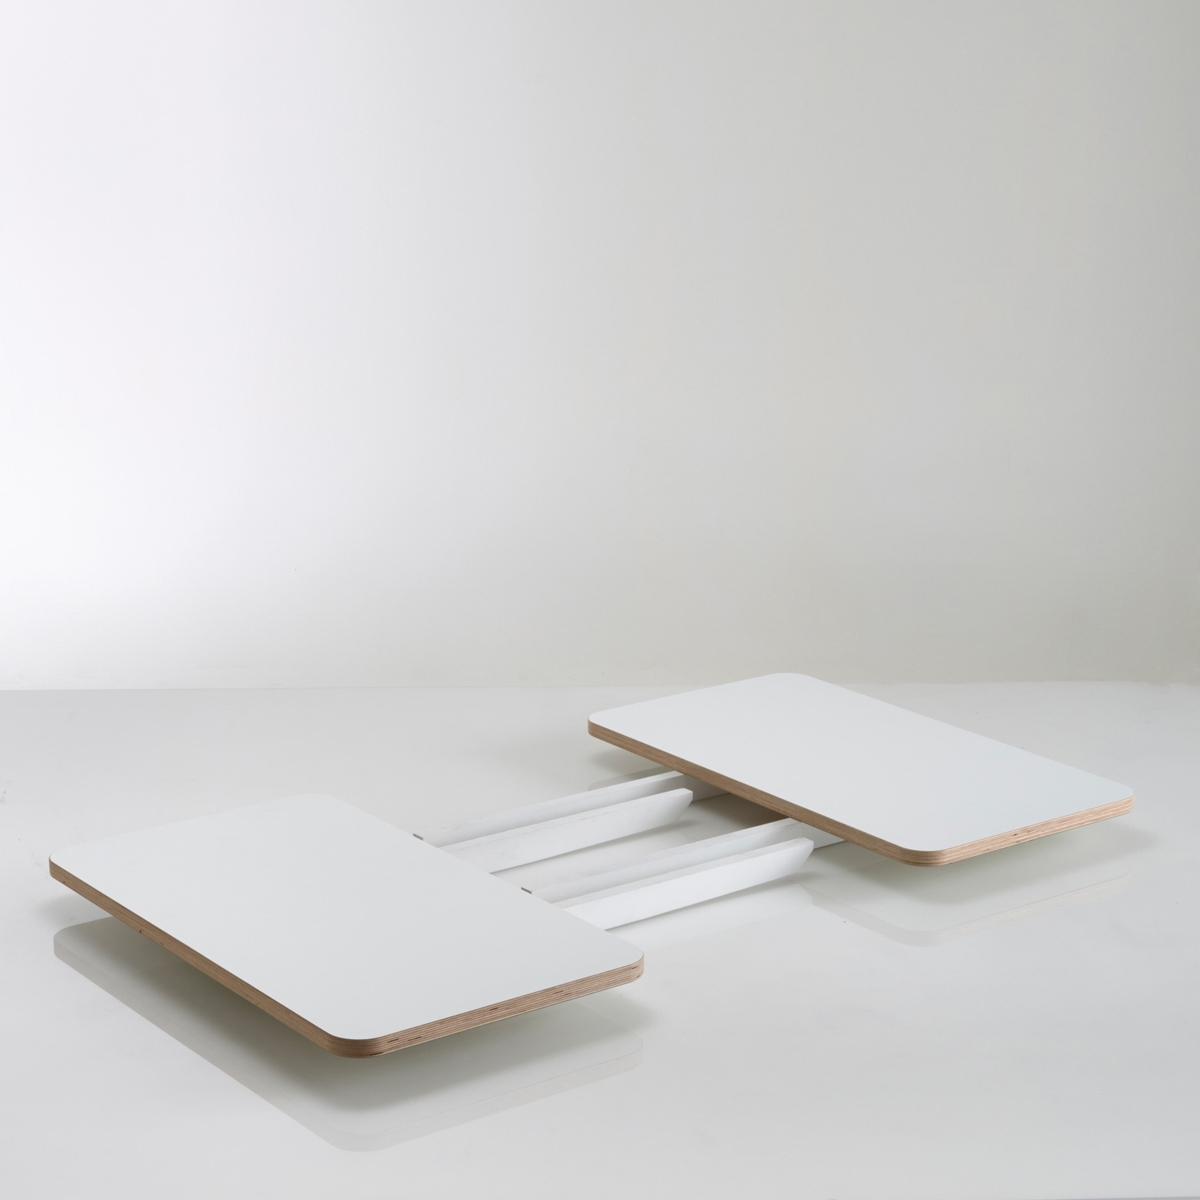 2 Удлинения для обеденного стола на 6 персон, JimiВам обеспечен большой стол с гостями благодаря удлинению Jimi, которое подходит к обеденному столу на 6 персон Jimi, продающийся на нашем сайте  laredoute.ru.Характеристики 2 удлинений для стола Jimi :   Из слоистой древесины (береза) белого цвета с покрытием против царапин .   Удлинения для стола Jimi продаются в собранном виде .      Найдите подходящий стол и другие модели из коллекции Jimi на нашем сайте laredoute.ru      Размеры 2 удлинений для стола Jimi :   Длина : 85 см   Глубина : 48 см<br><br>Цвет: белый